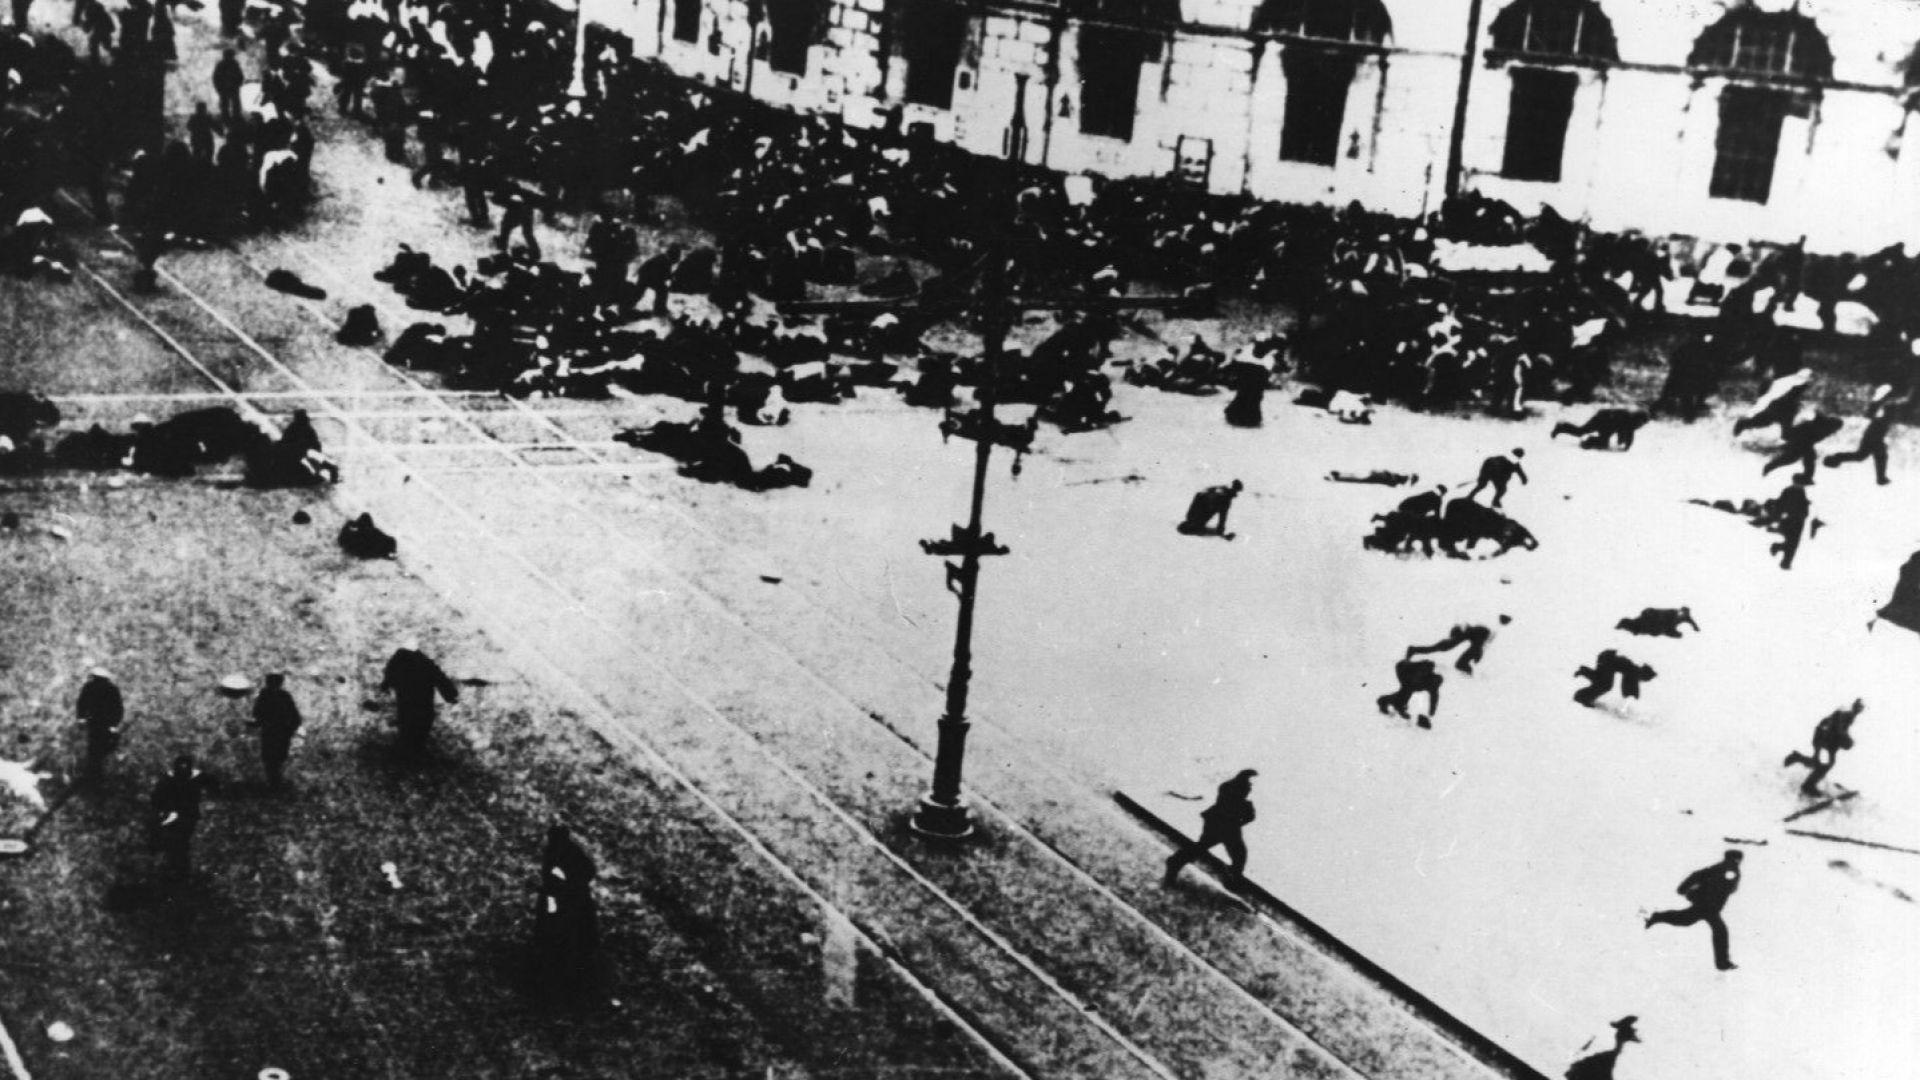 Виктор Ерофеев: Превратът, наречен Октомврийска революция, е най-чудовищната трагедия в историята ни